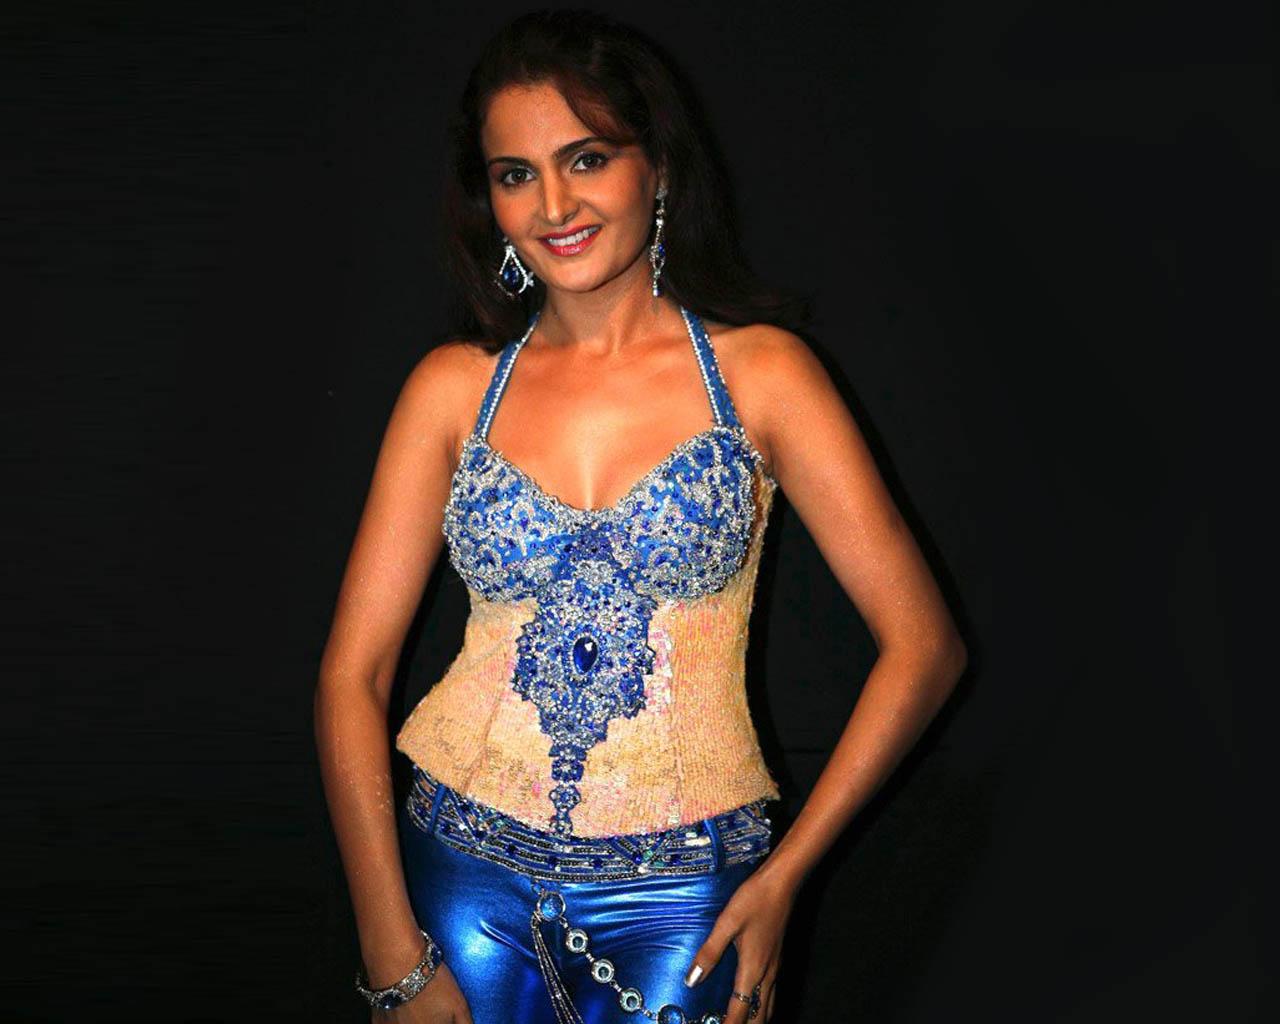 http://4.bp.blogspot.com/-1QT-TRr9TKU/TatXZ6Pv6xI/AAAAAAAAI3Y/mRhlq9bz95c/s1600/Monica-Bedi-5.jpg